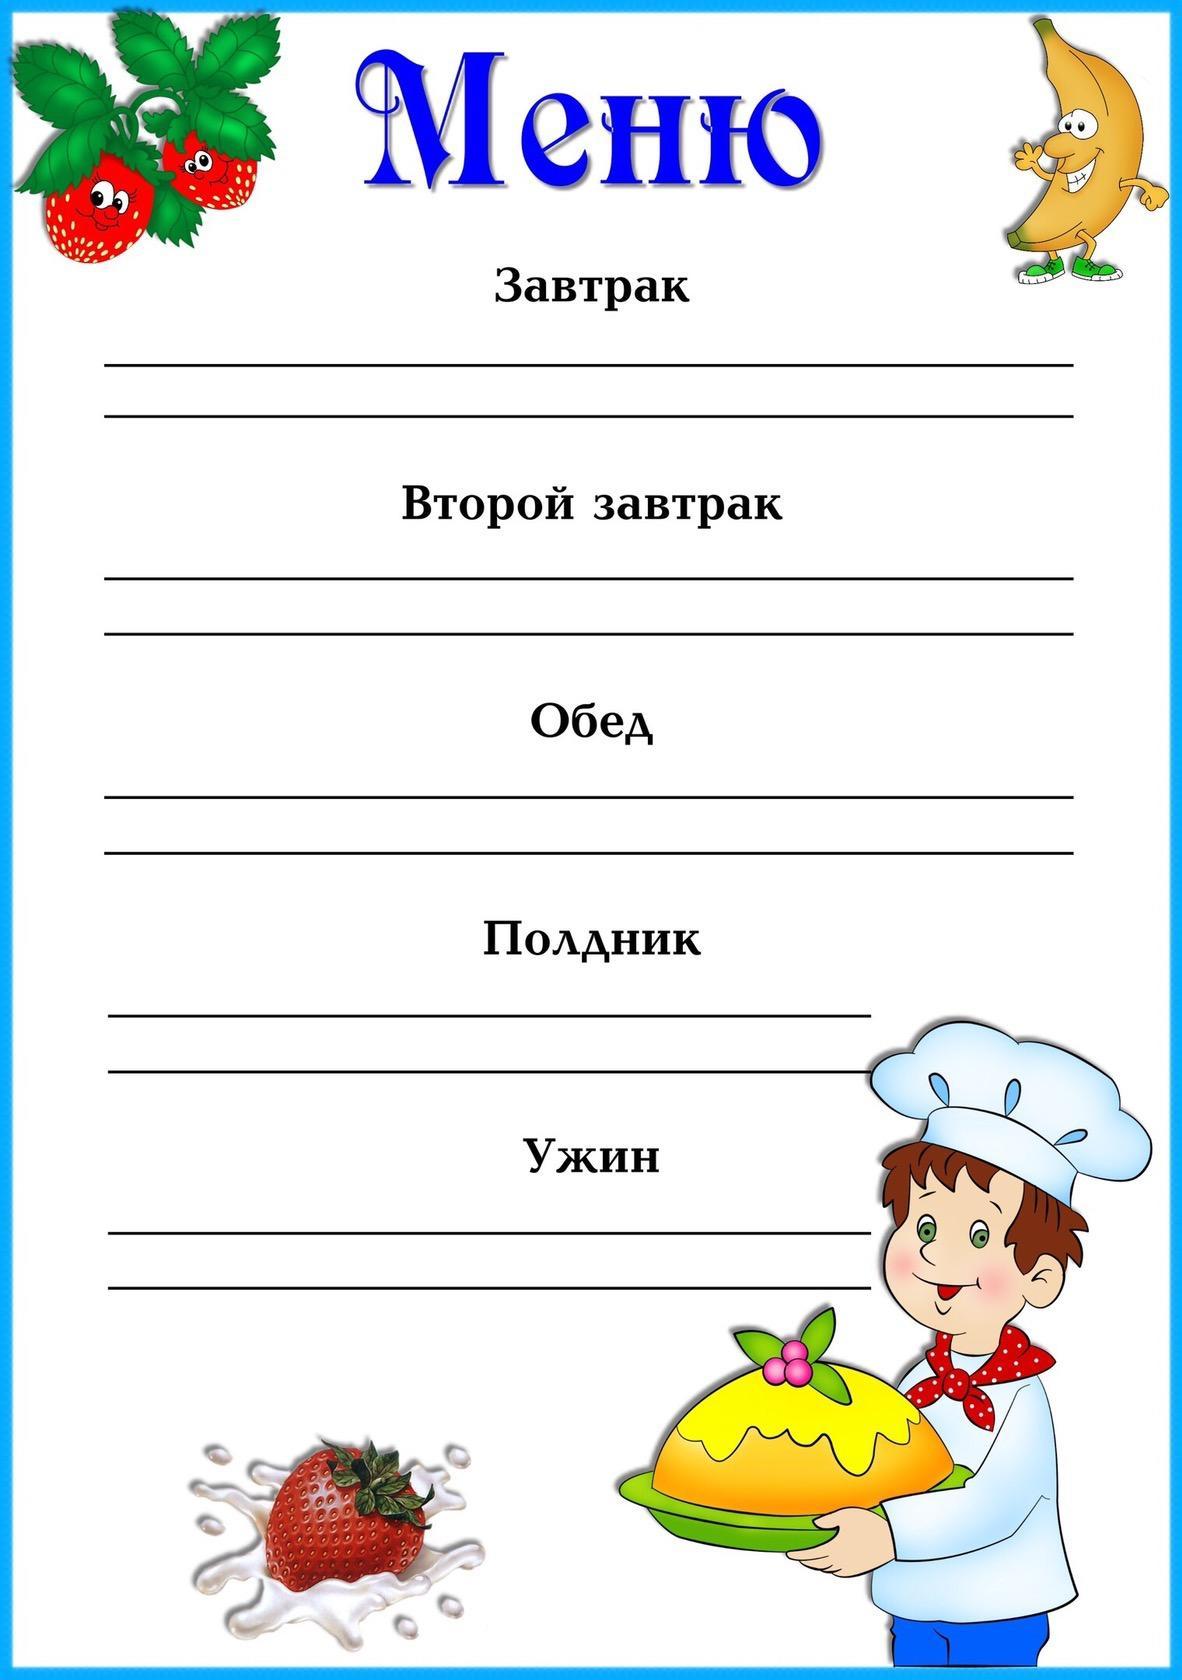 Картинка меню для дошкольников